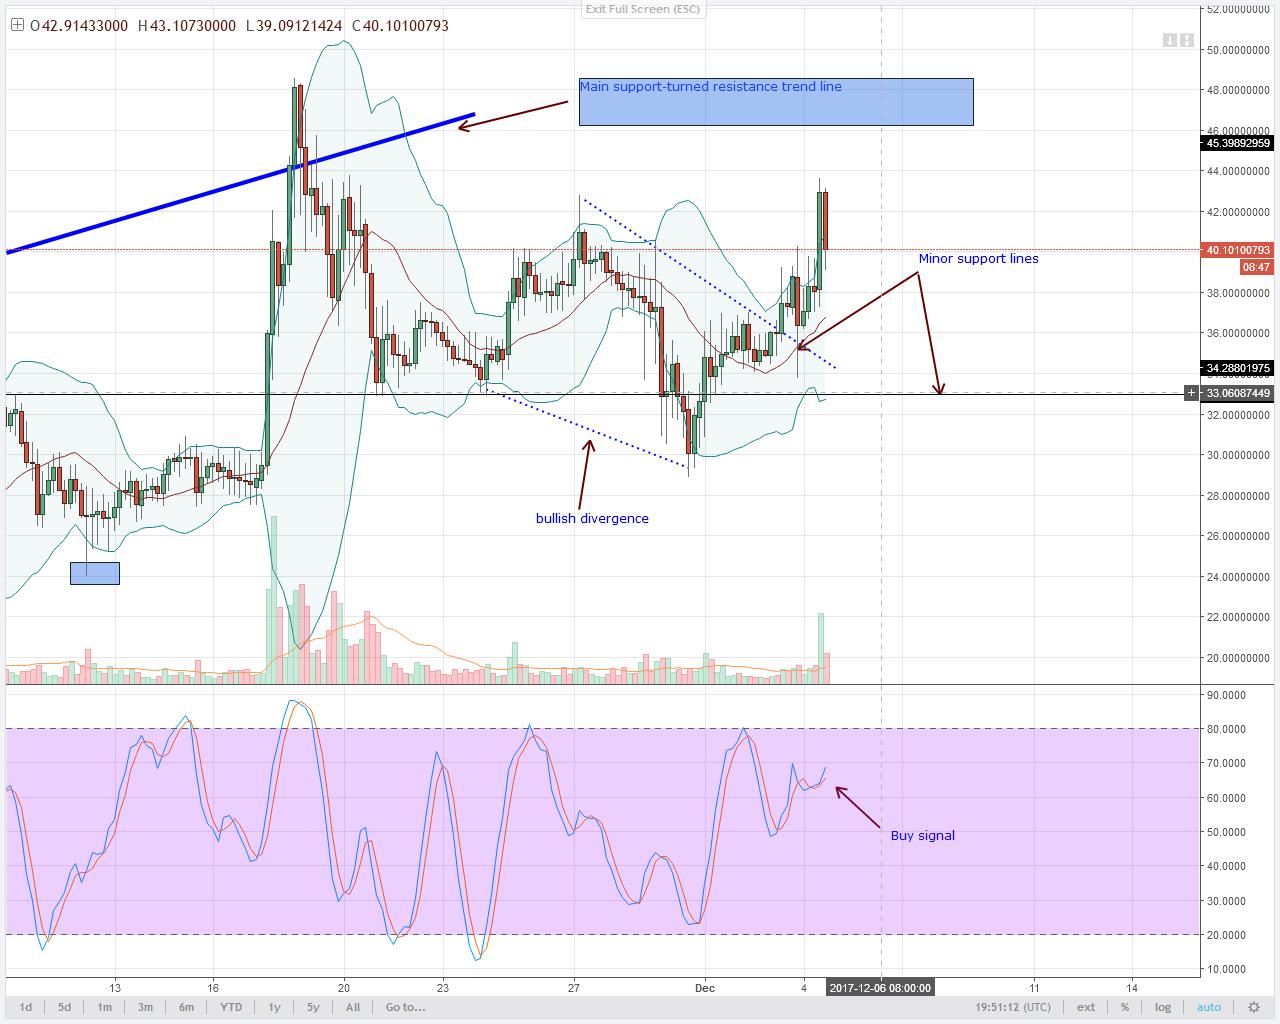 alt coin NEO Bulls 4HR chart technical analysis